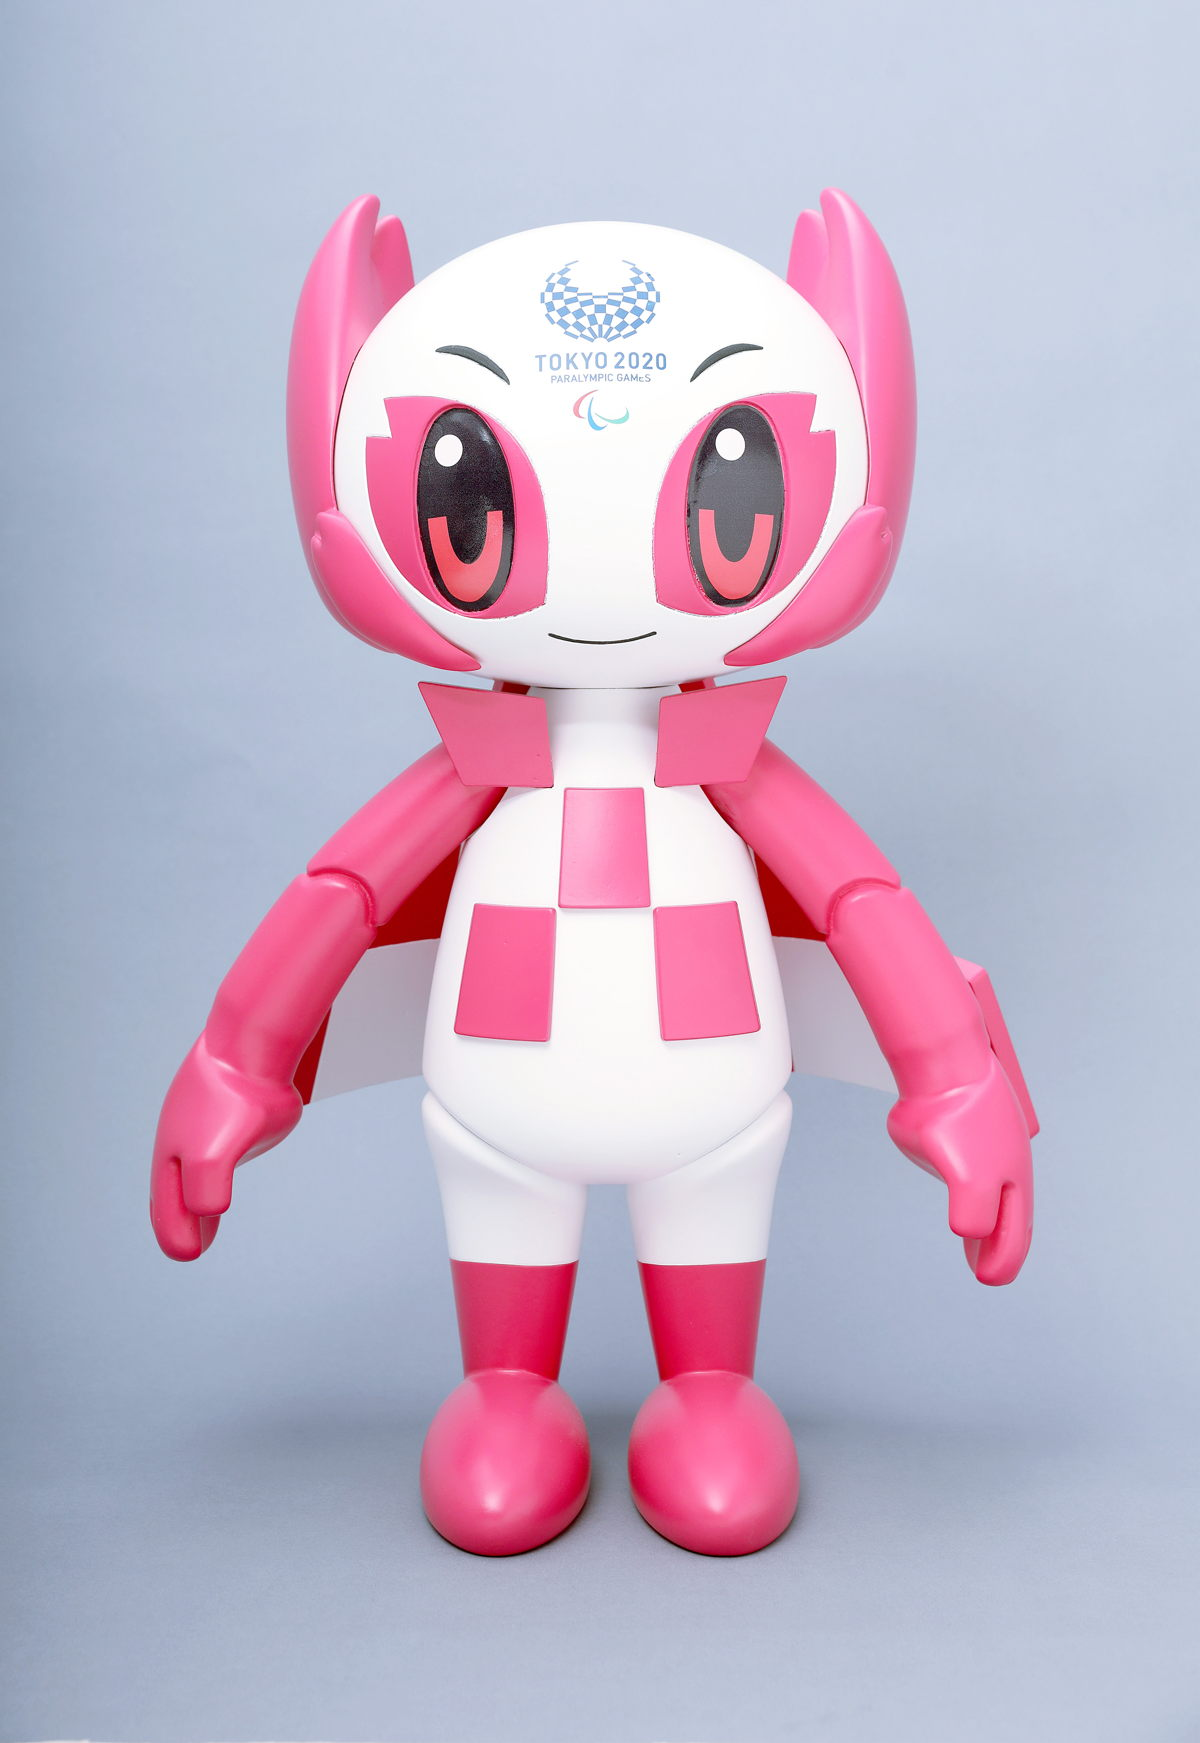 Robot mascotte Tokyo 2020